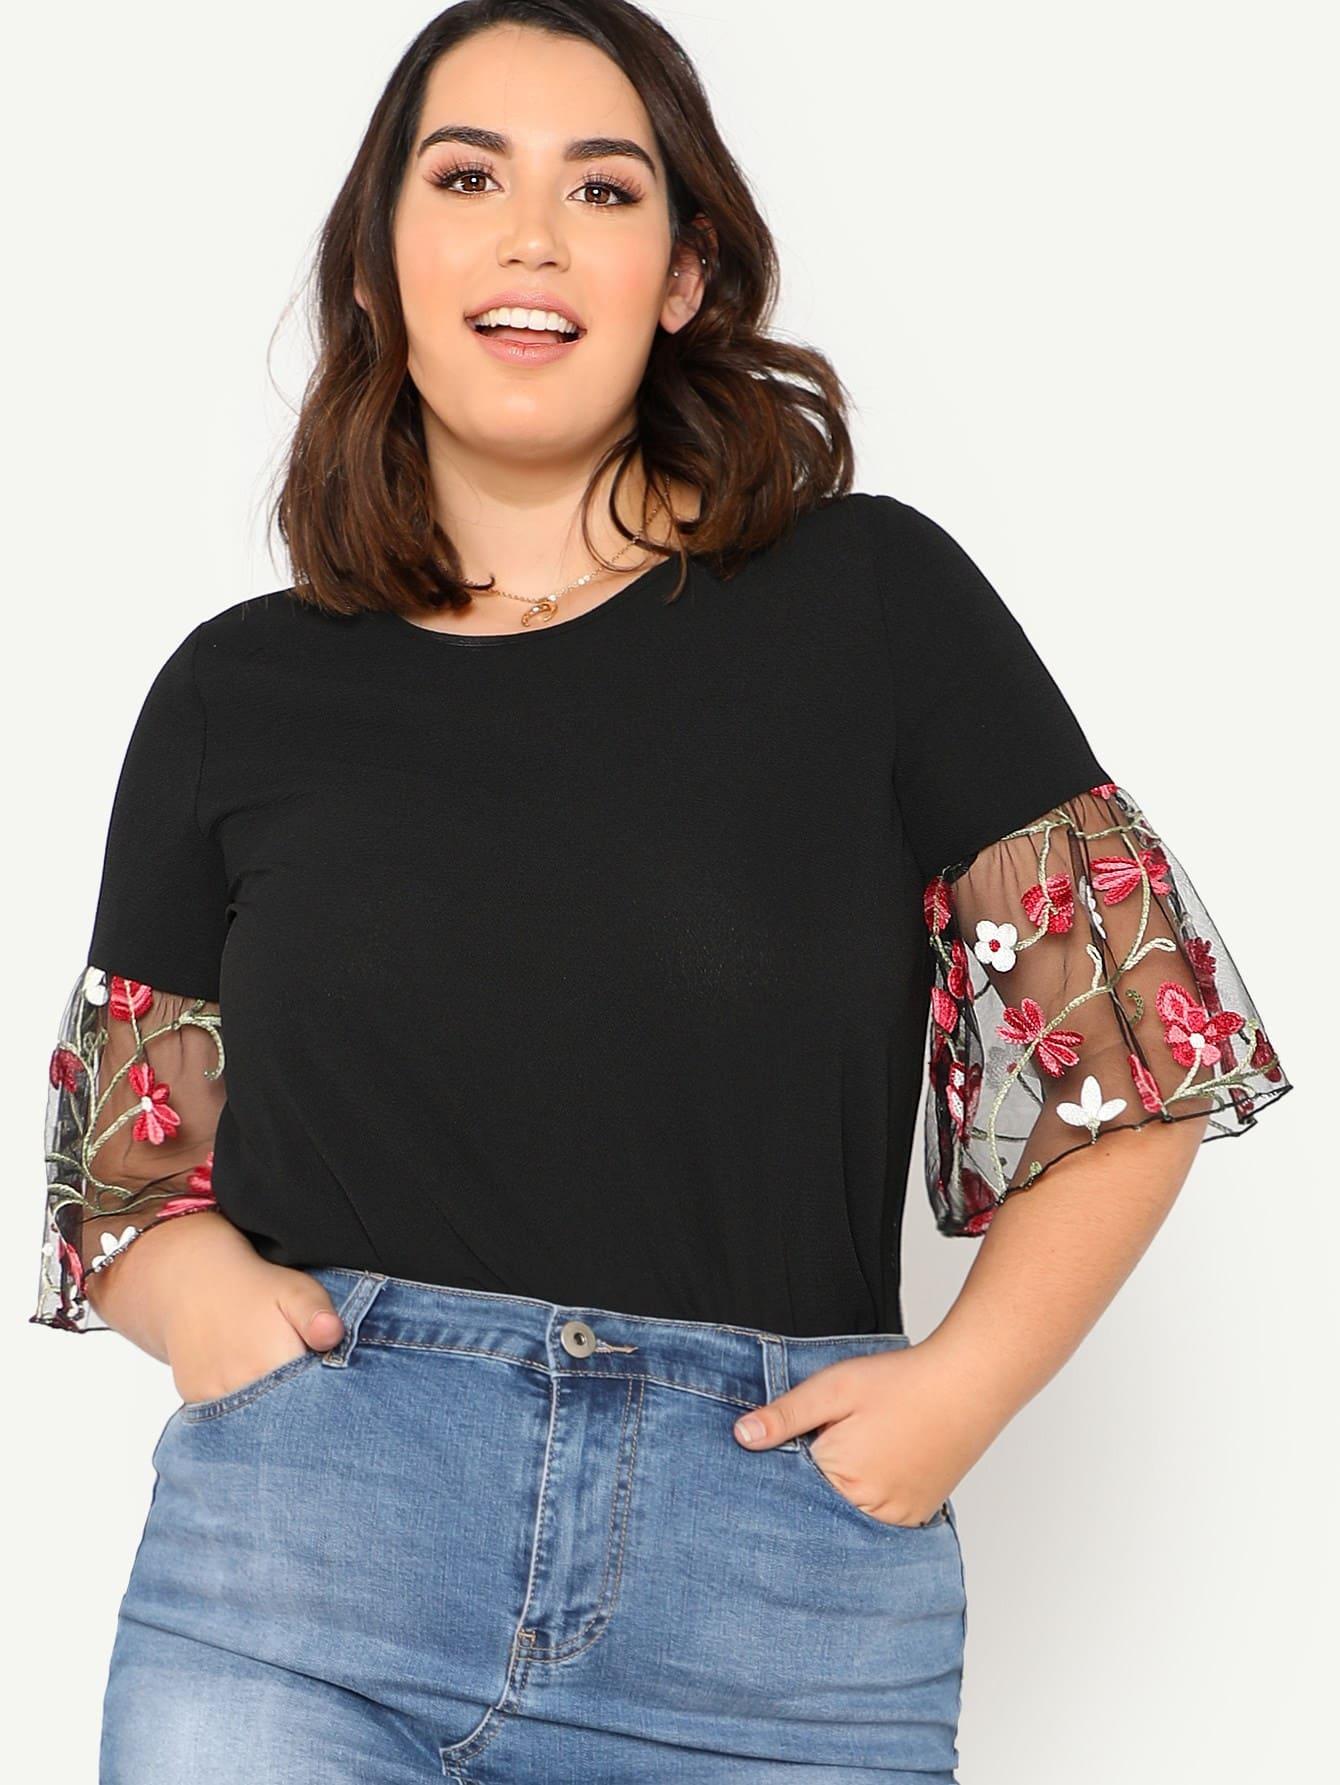 Купить Модный топ с цветочной вышивкой, Jessica Lauren, SheIn